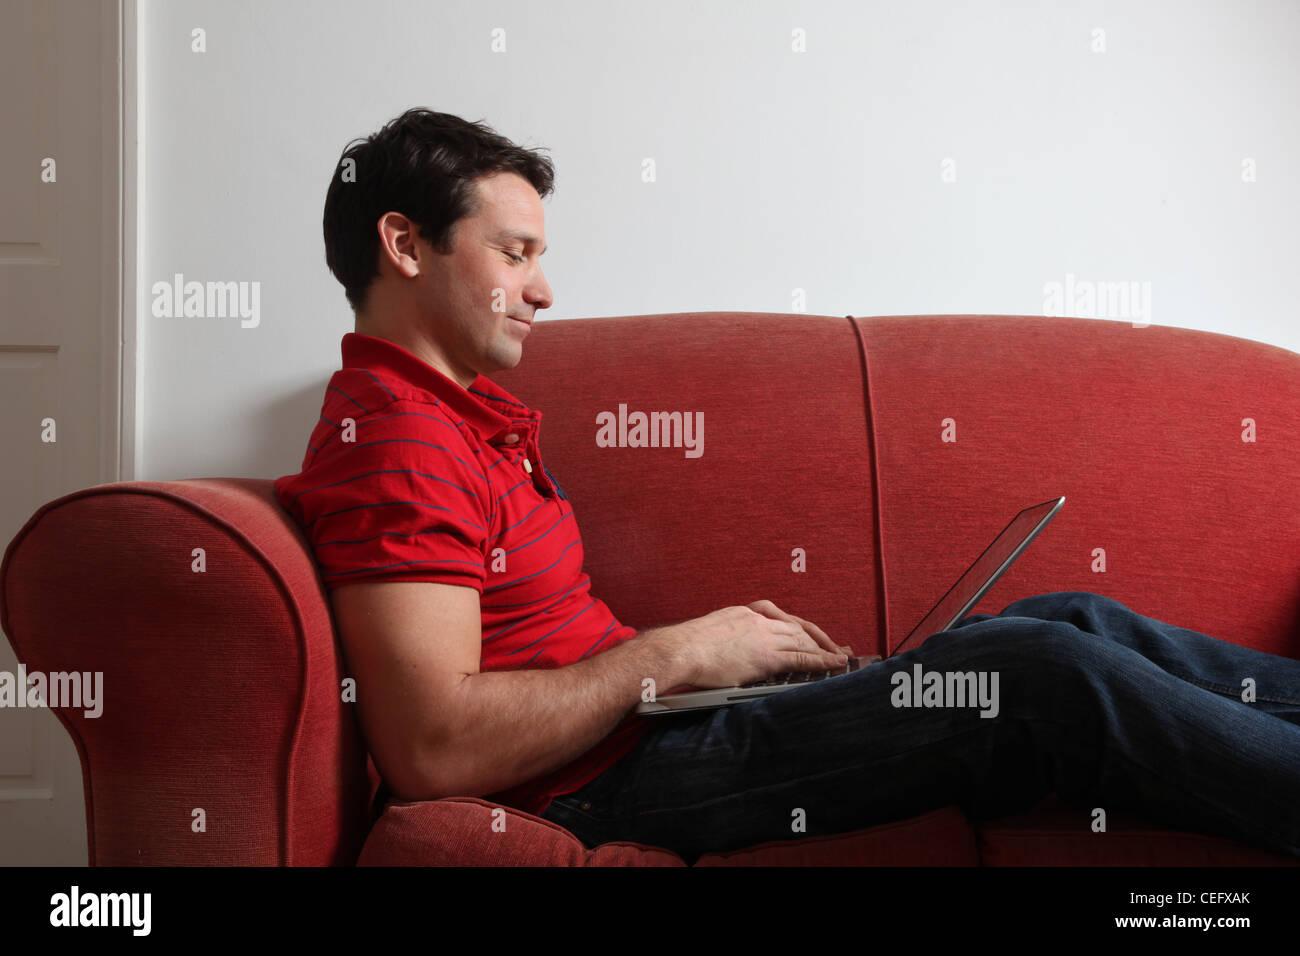 Profil d'un seul homme à l'aide d'un ordinateur portable. Photo Stock